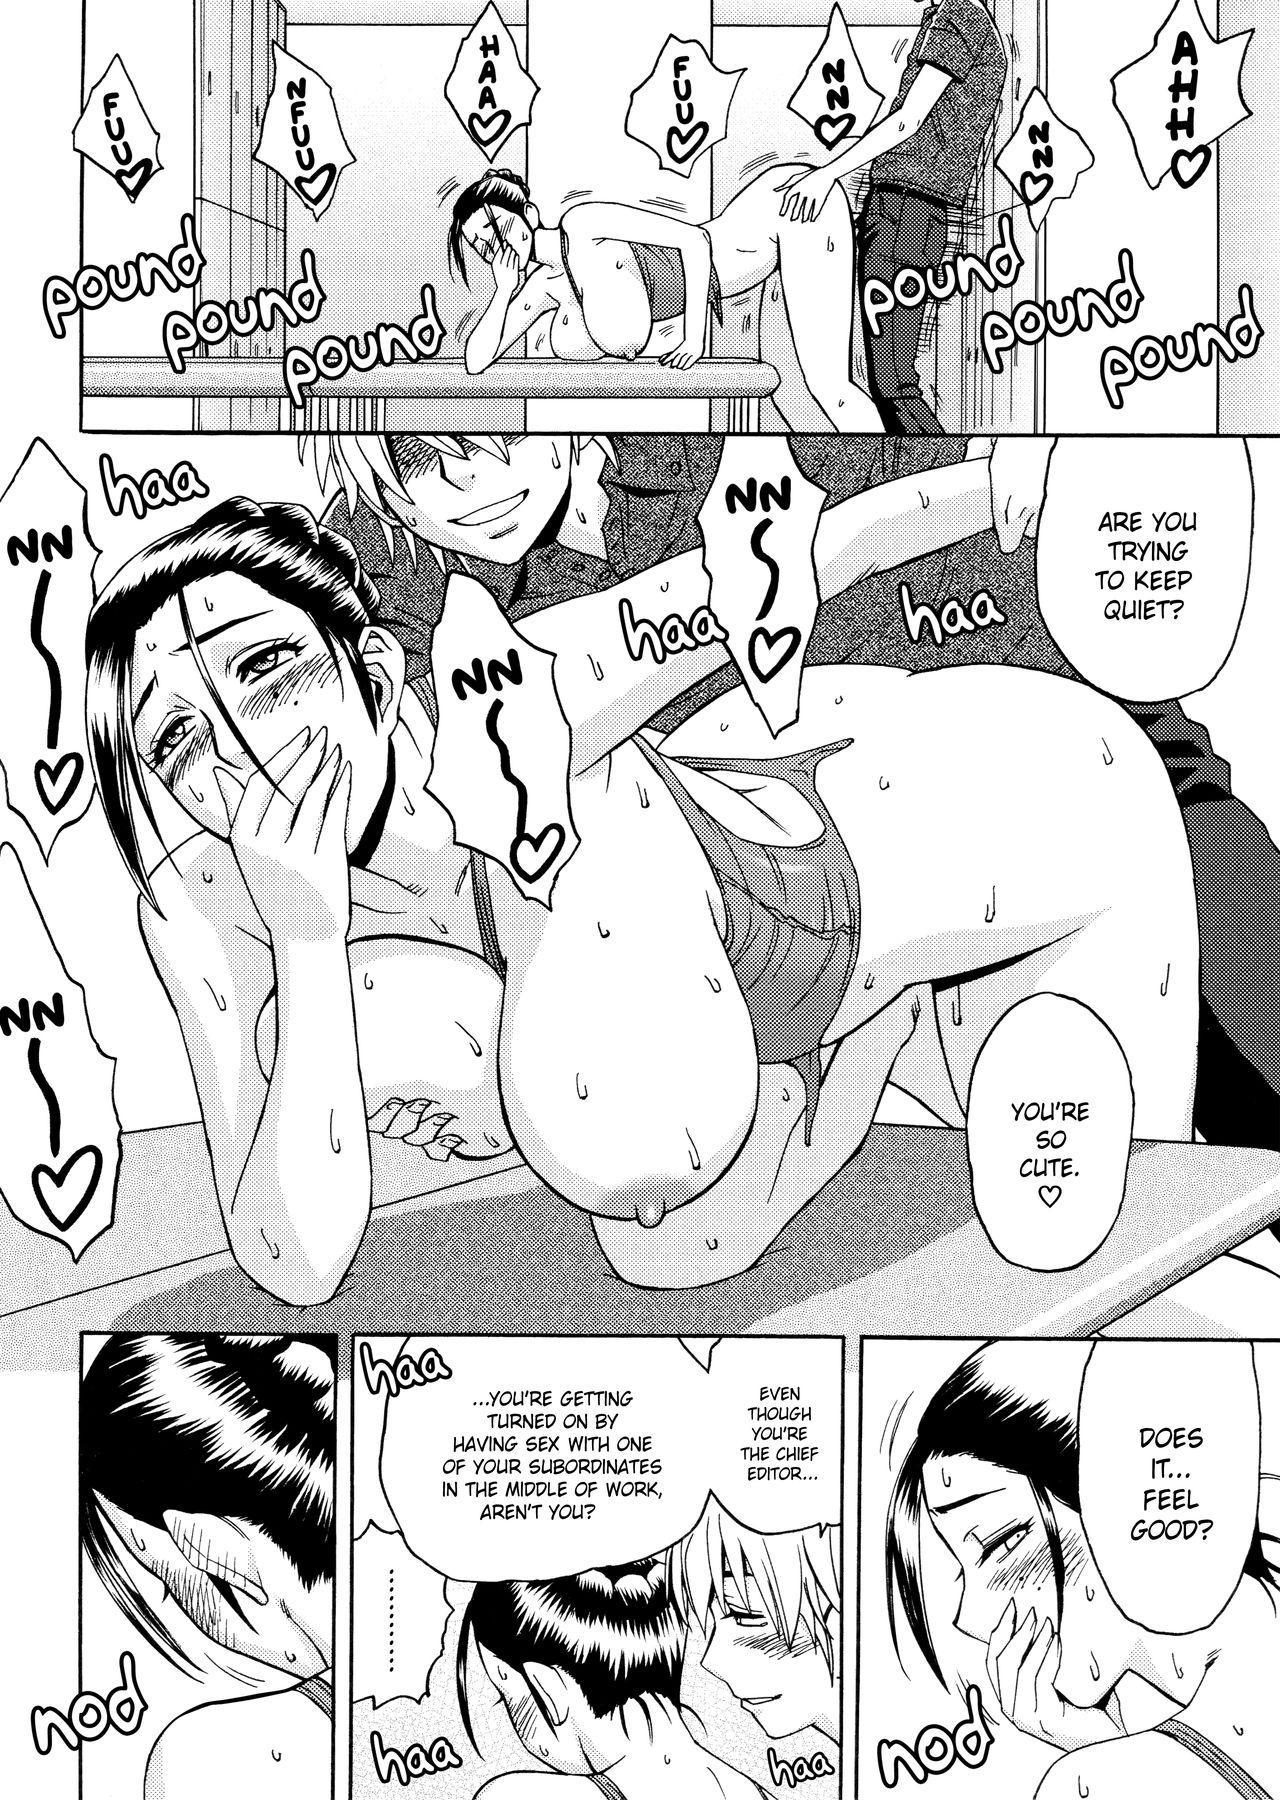 [Tatsunami Youtoku, Yamasaki Masato] Bijin Henshuu-chou no Himitsu | Beautiful Editor-in-Chief's Secret Ch. 1-8 [English] [Forbiddenfetish77, Red Vodka, Crystalium, CEDR777] [Decensored] 39